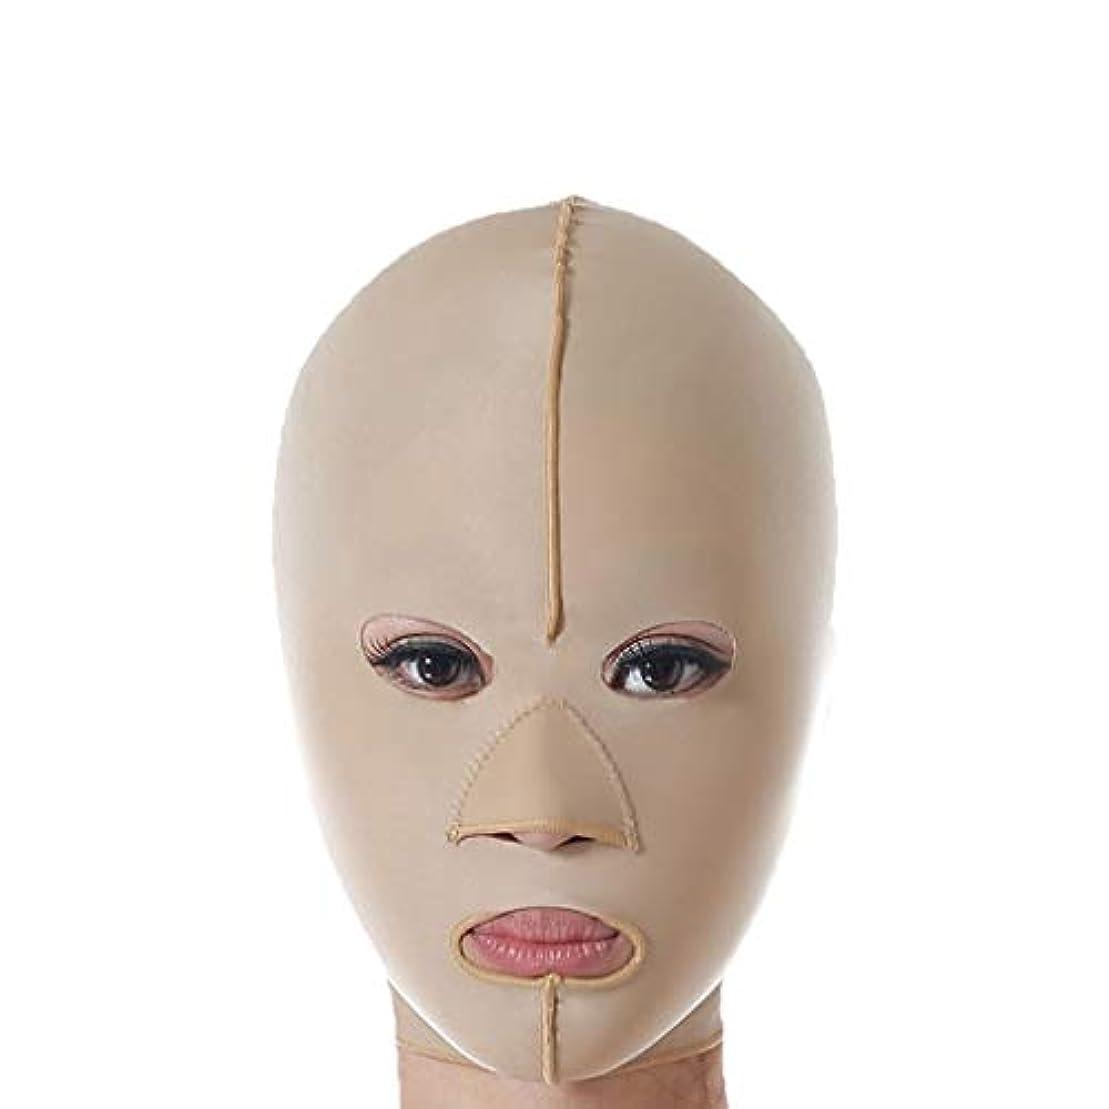 堤防塗抹自己XHLMRMJ 減量フェイスマスク、リフティング包帯、スリムフェイスリフトリフティングベルト、フェイシャル減量リフティング包帯 (Size : L)